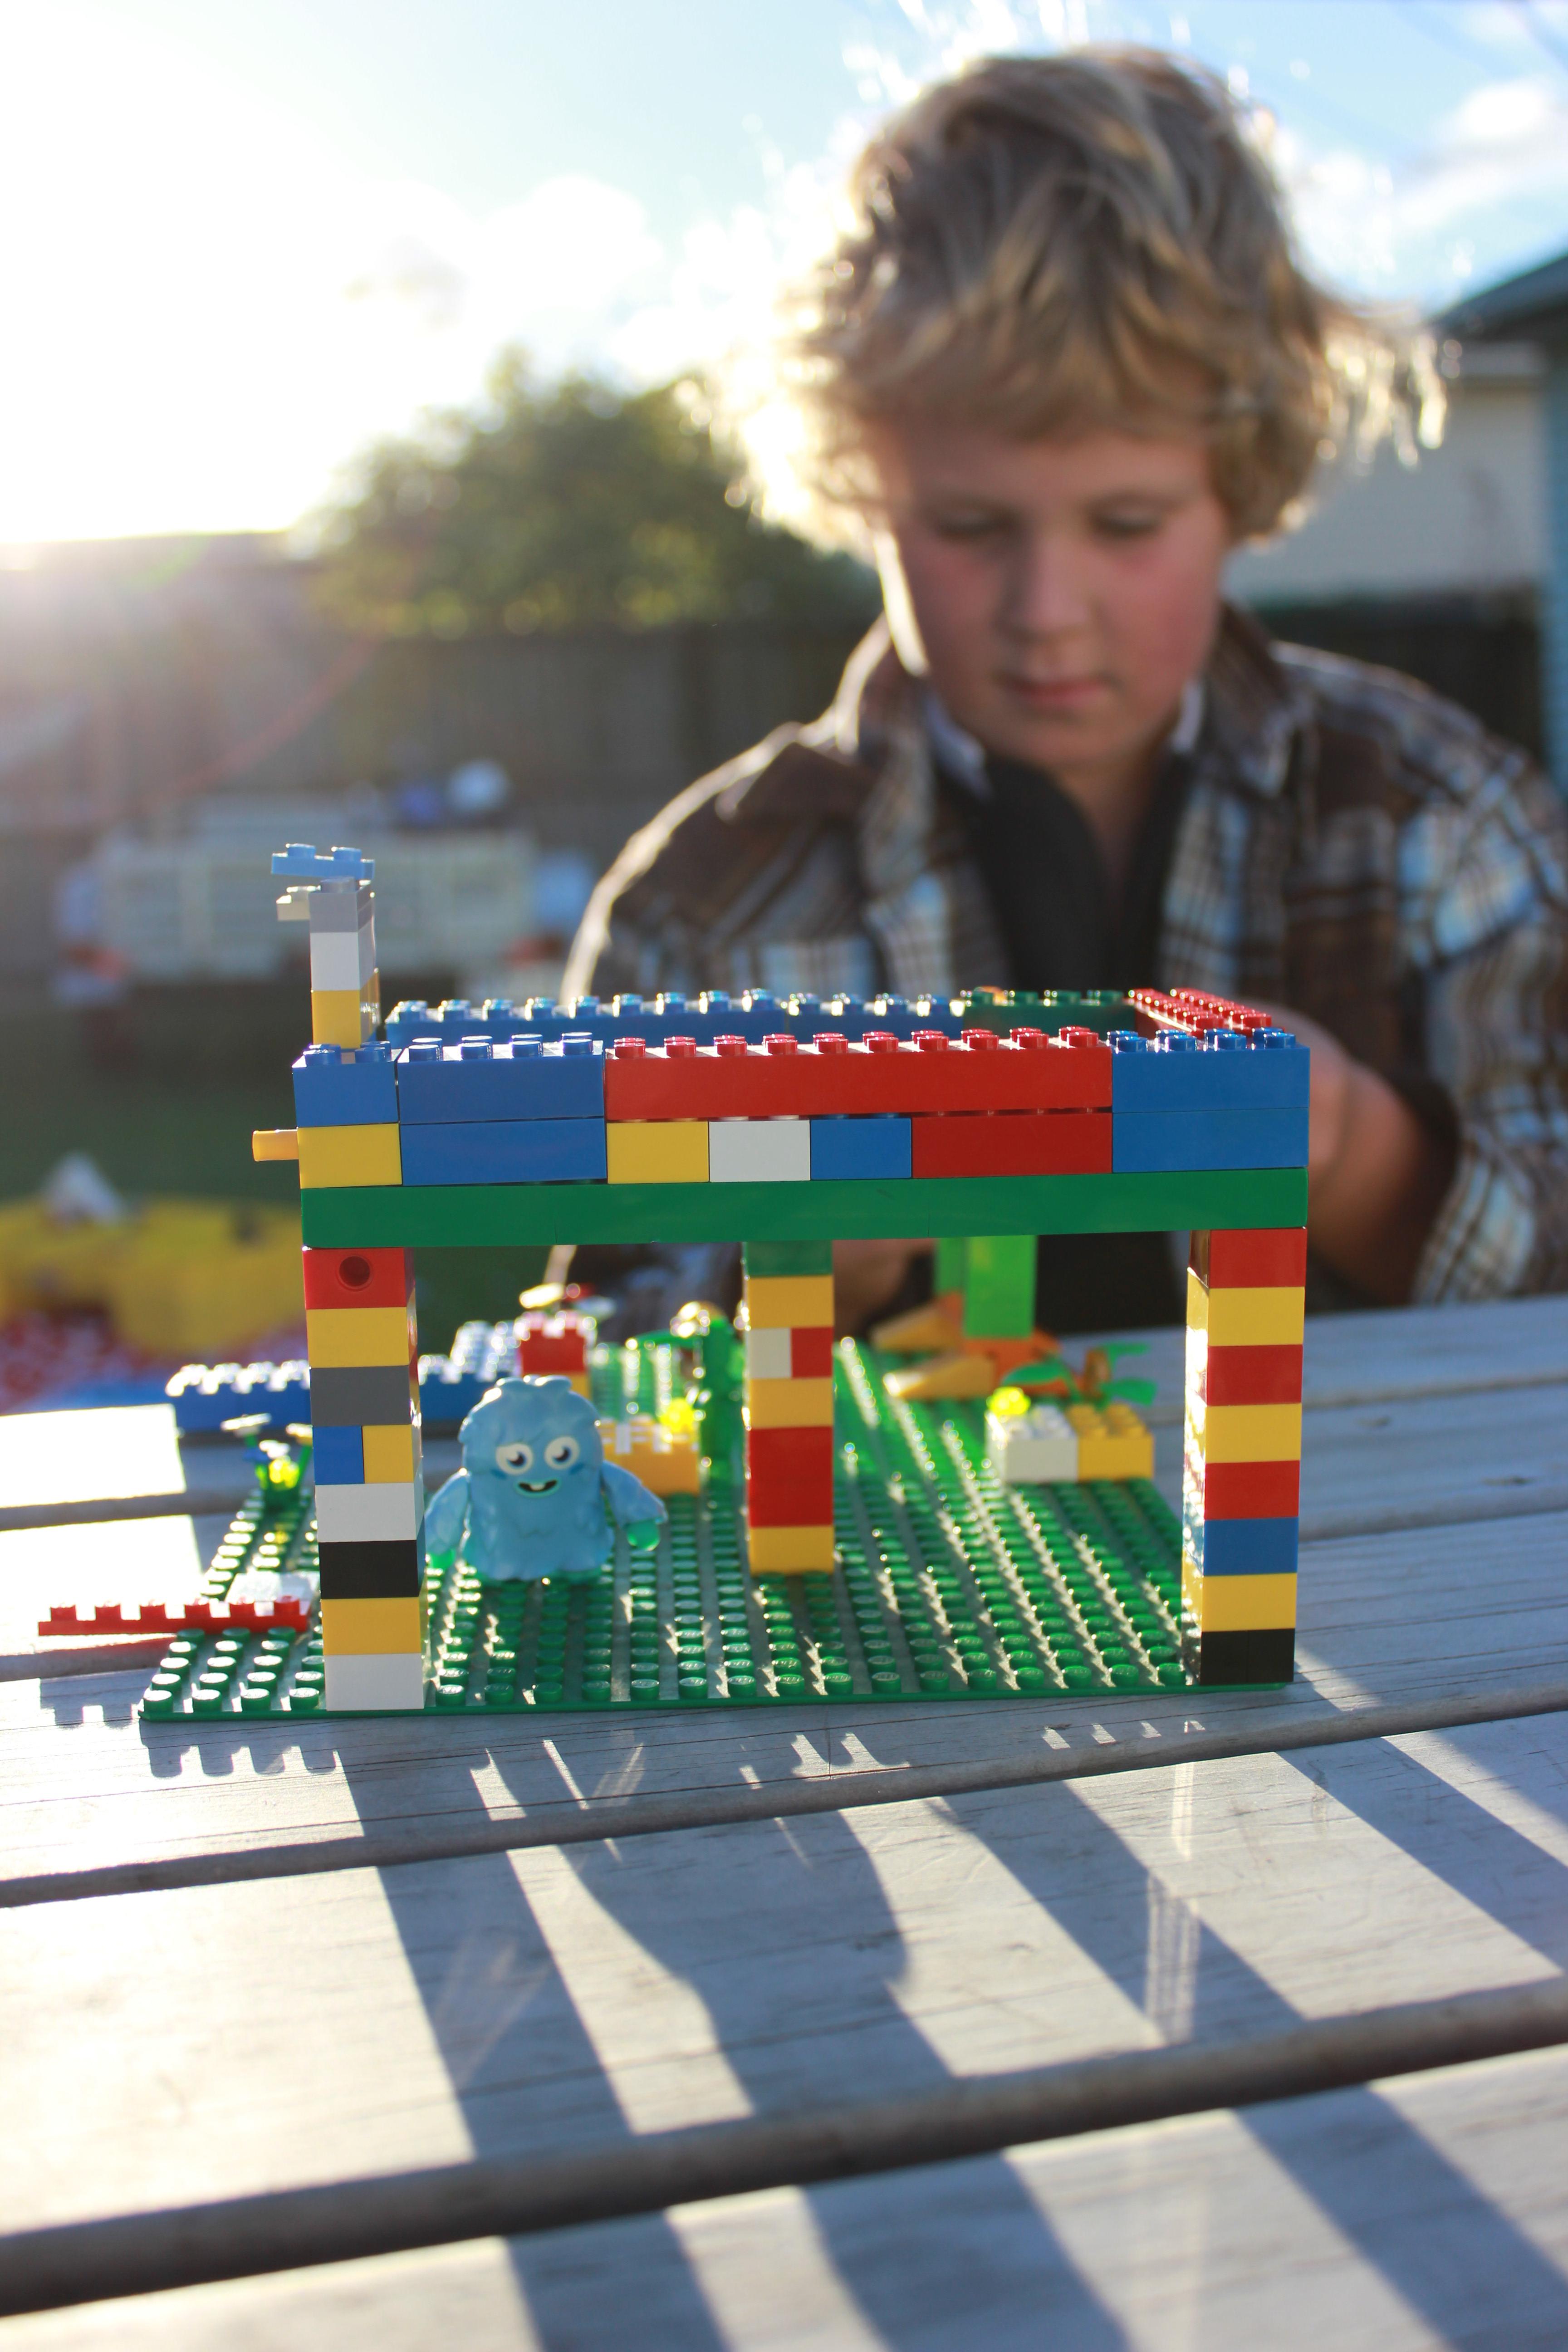 Outside Lego